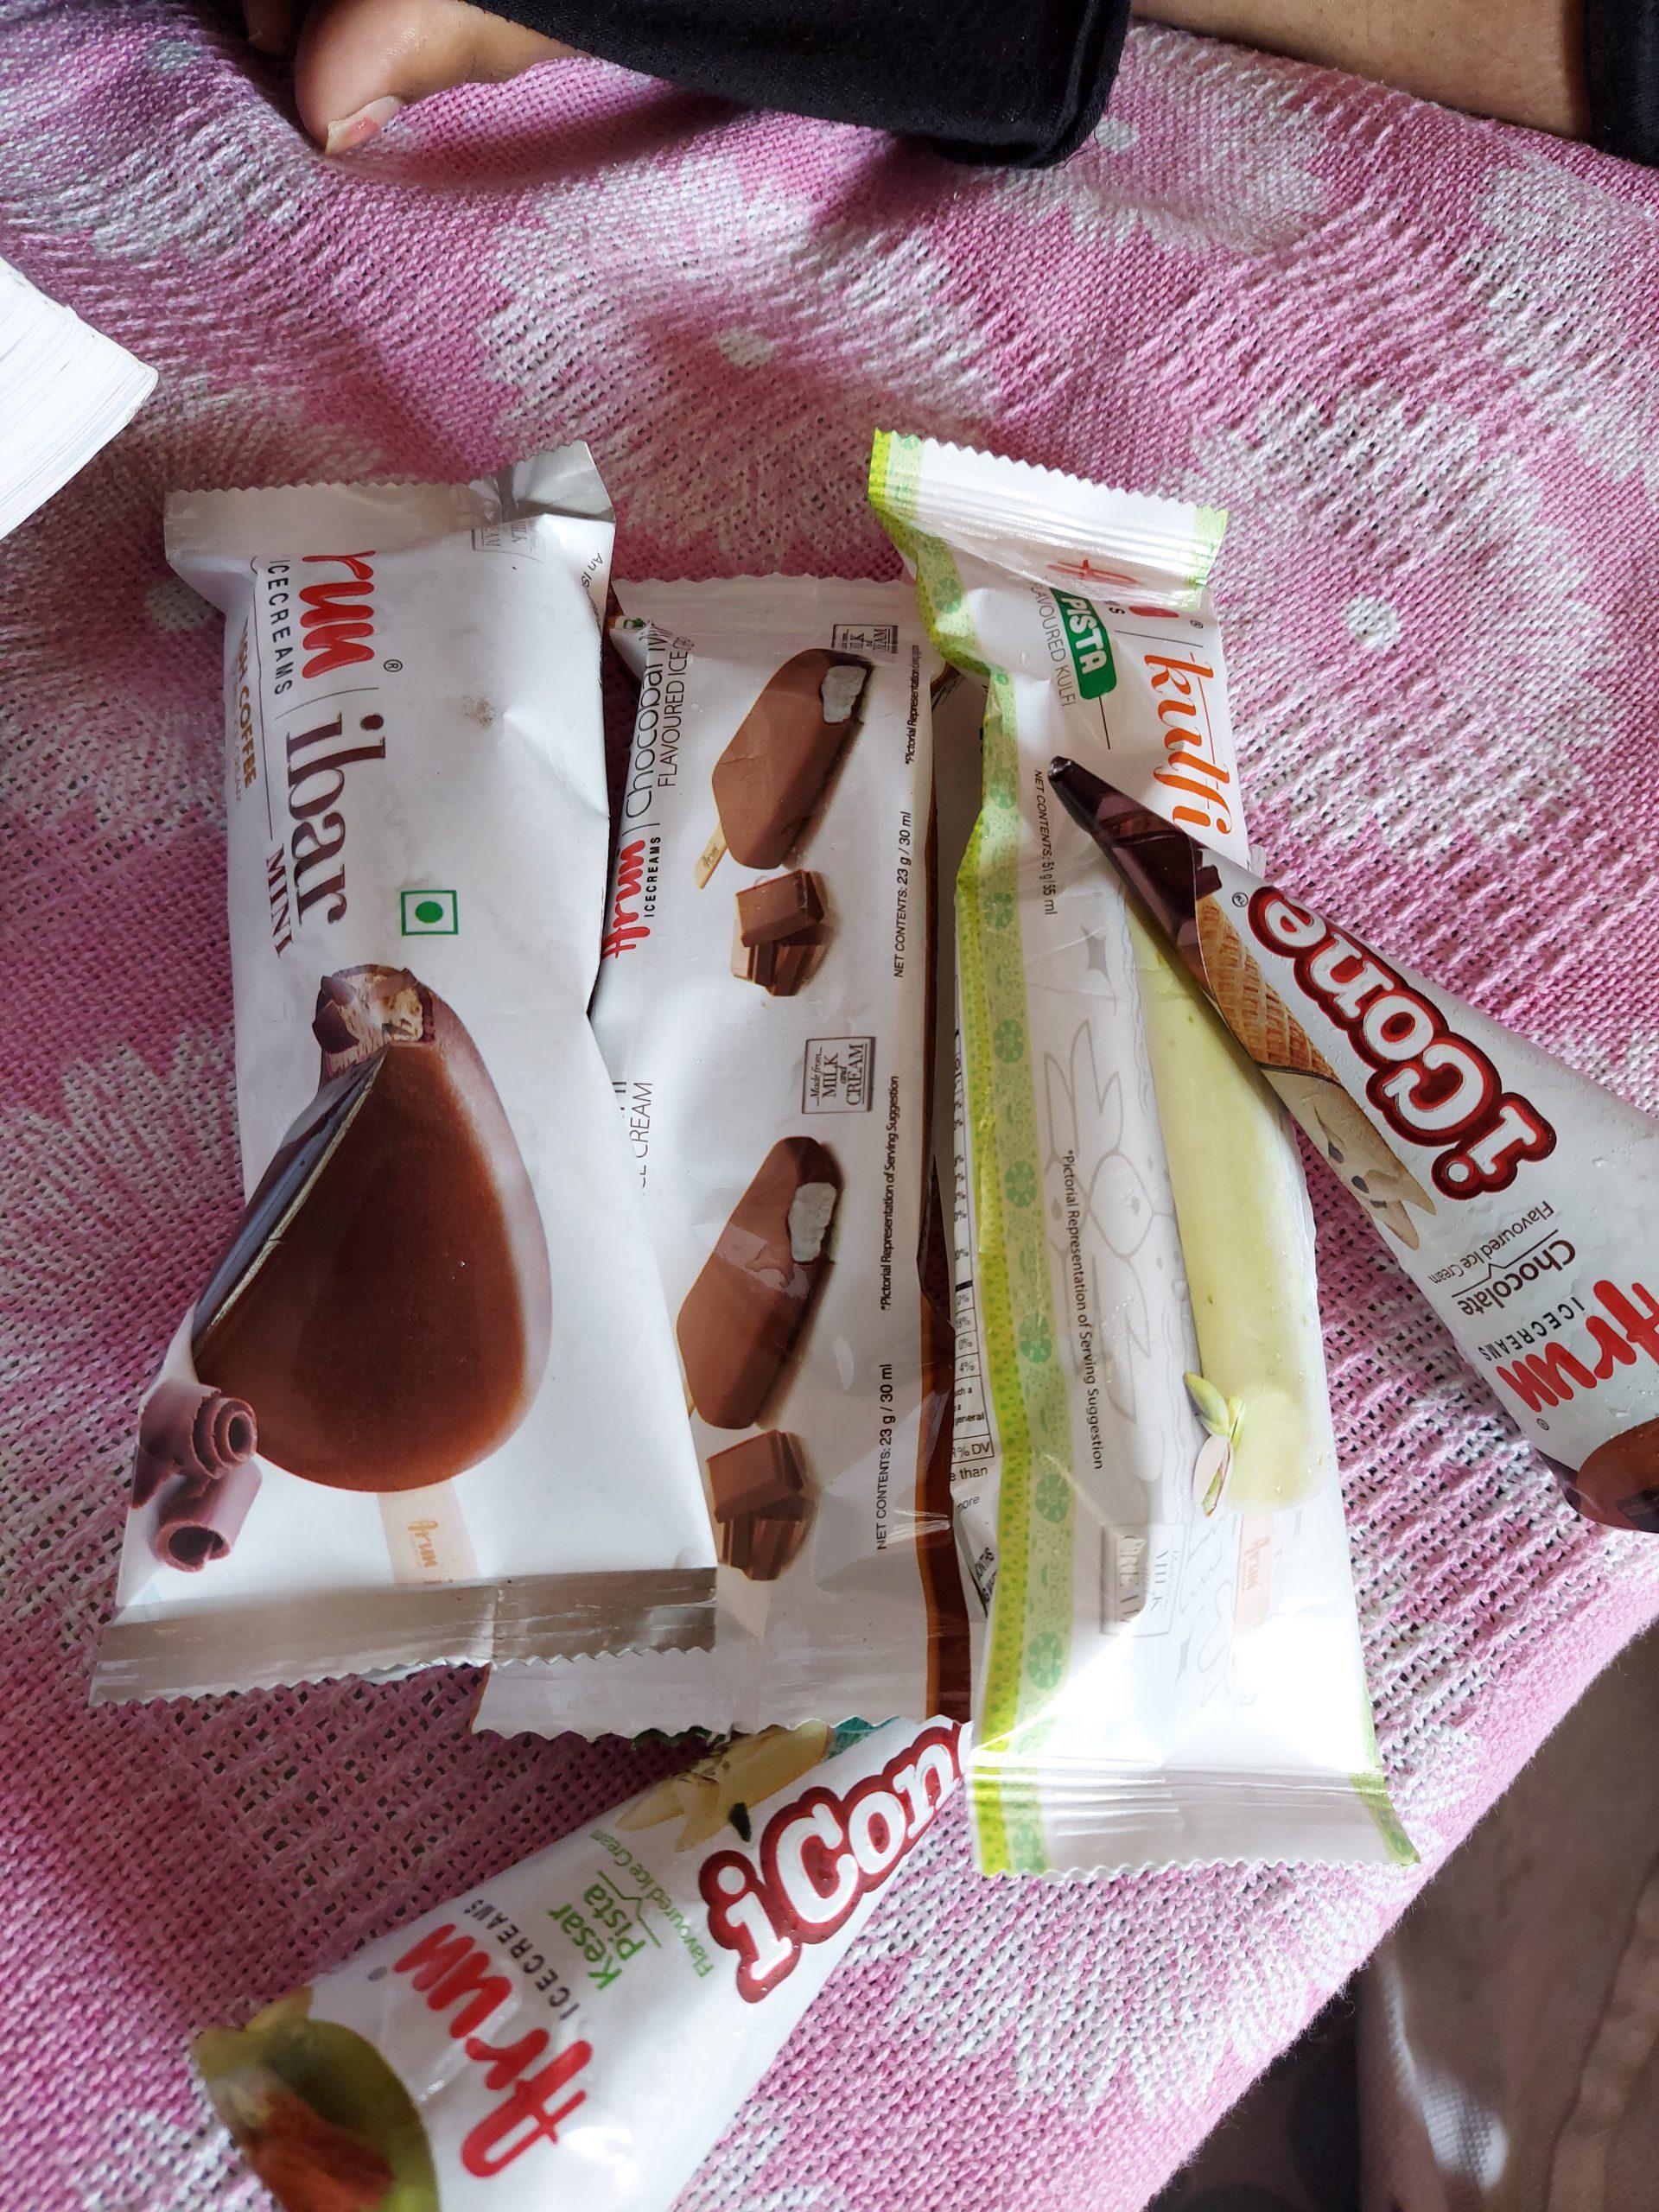 Ice cream packs